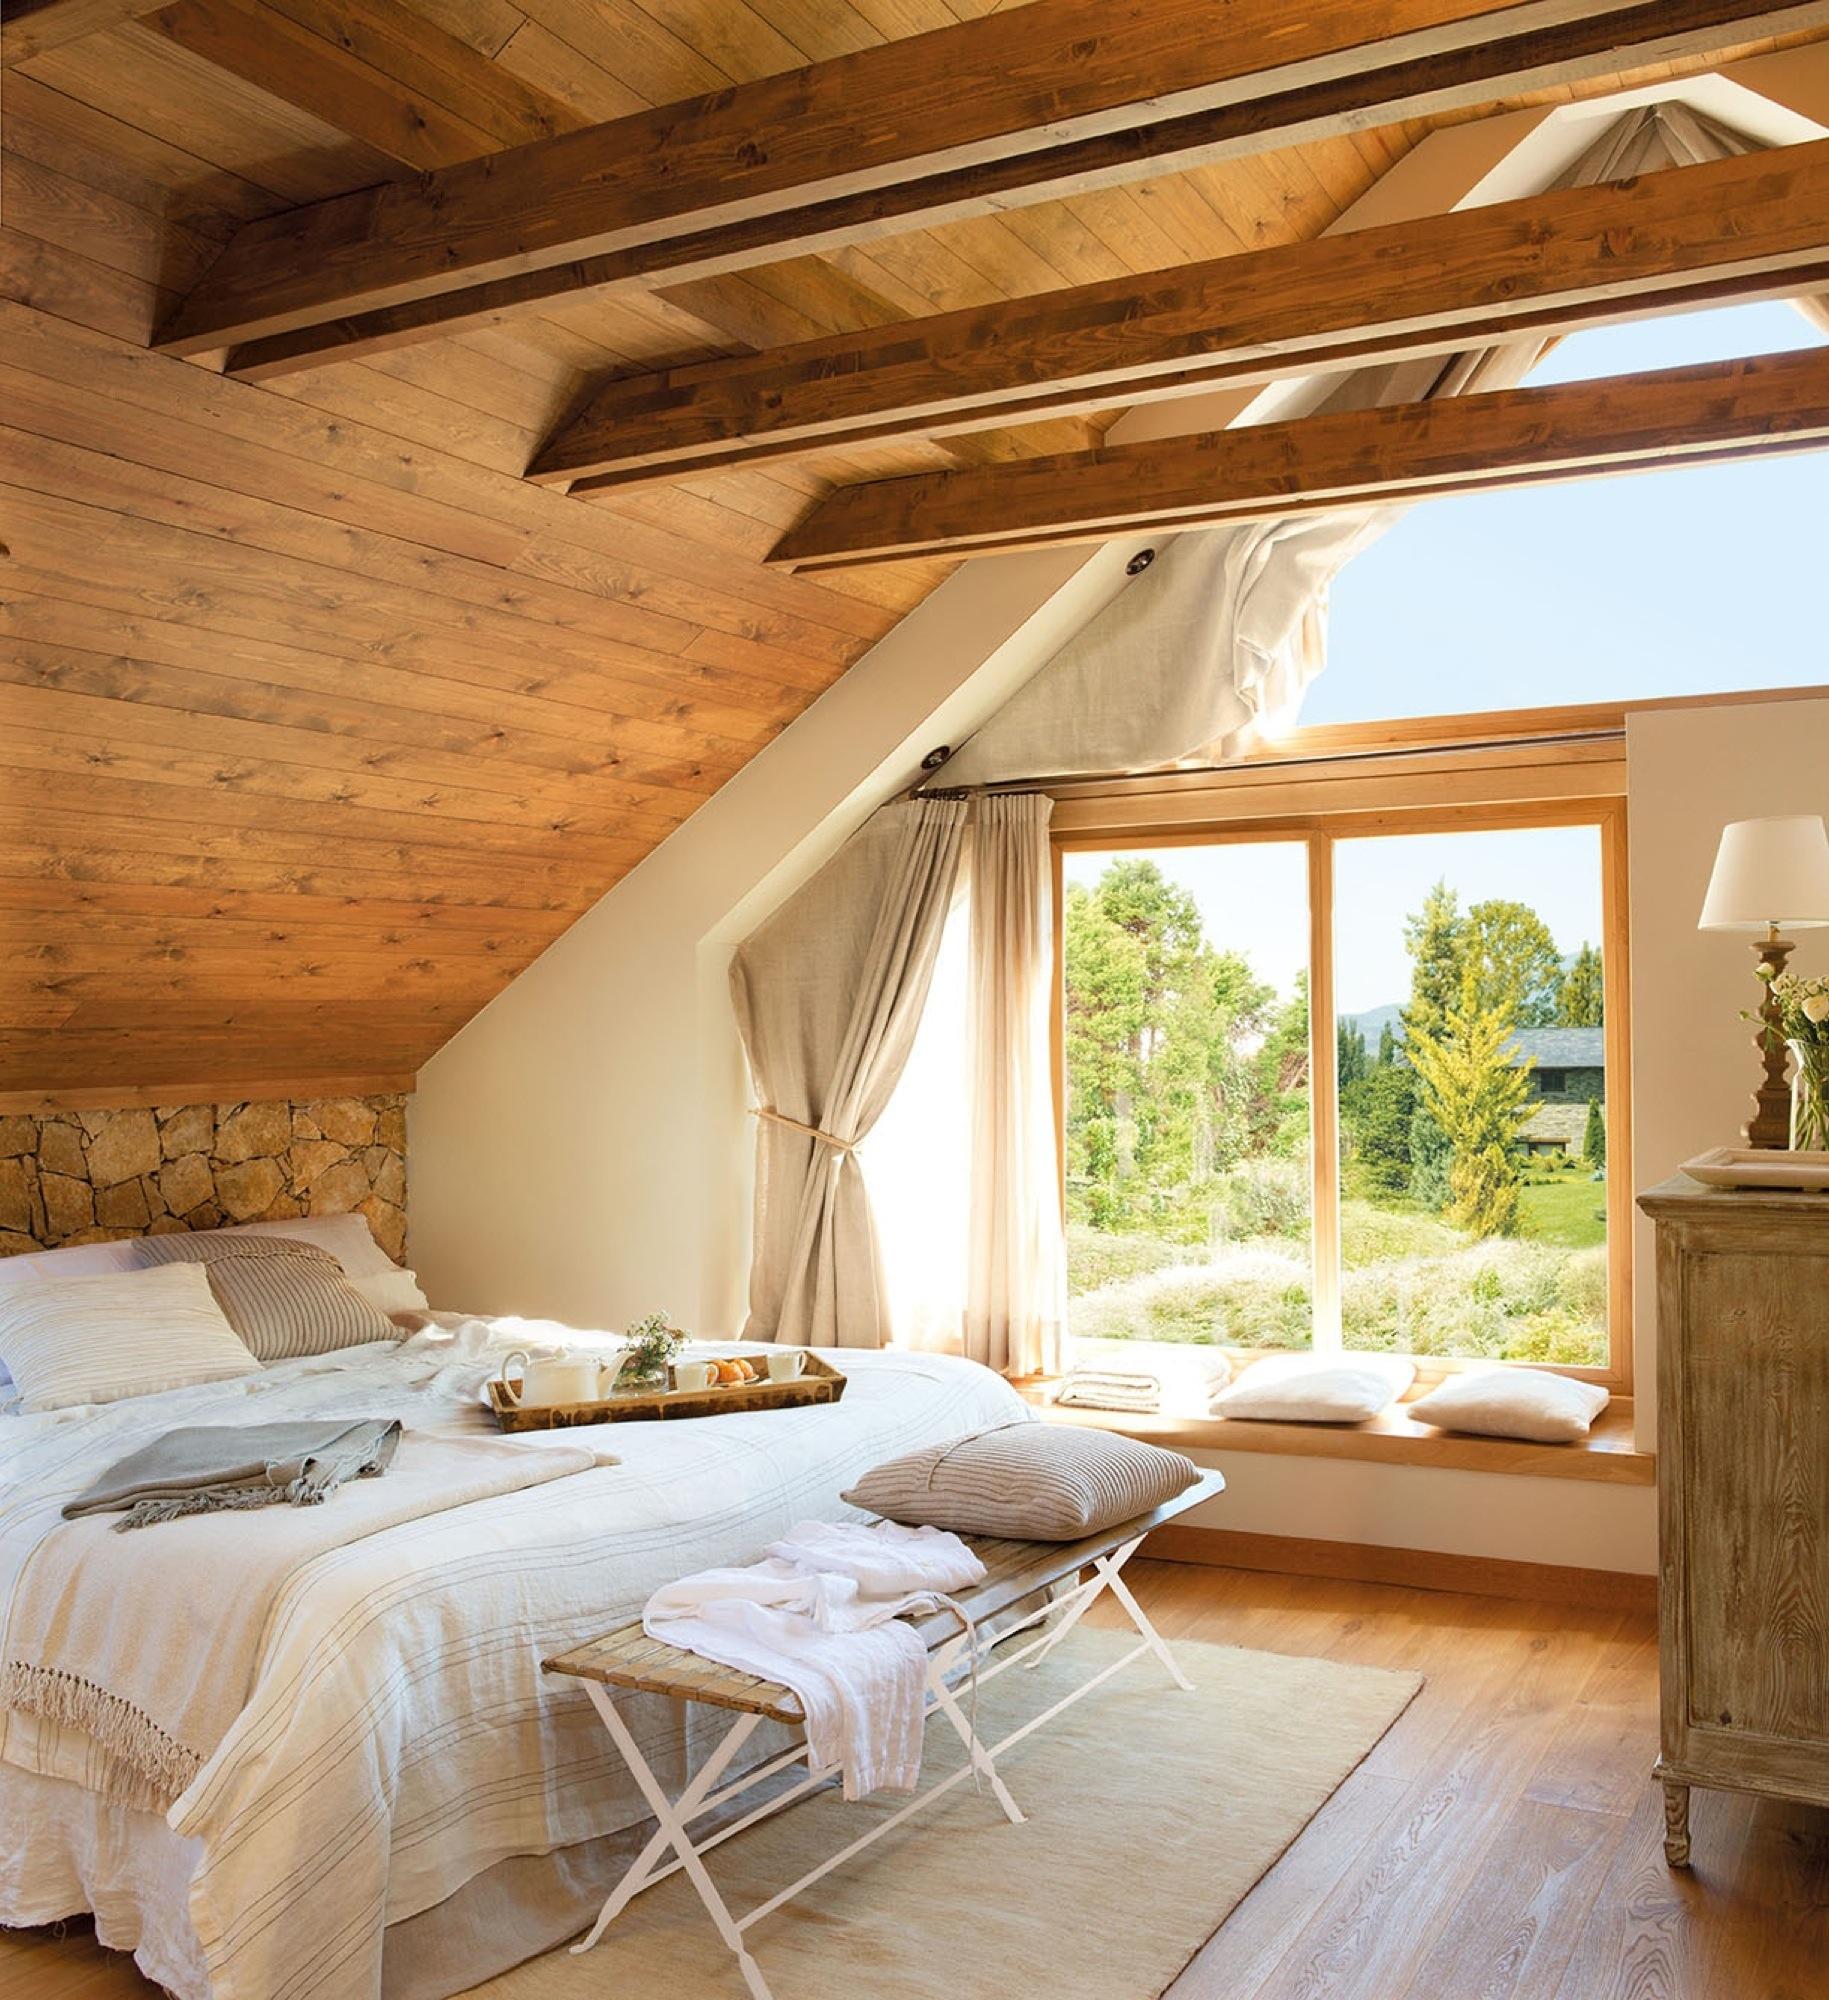 Dormitorios r sticos con mucho encanto - Decorar habitacion rustica ...